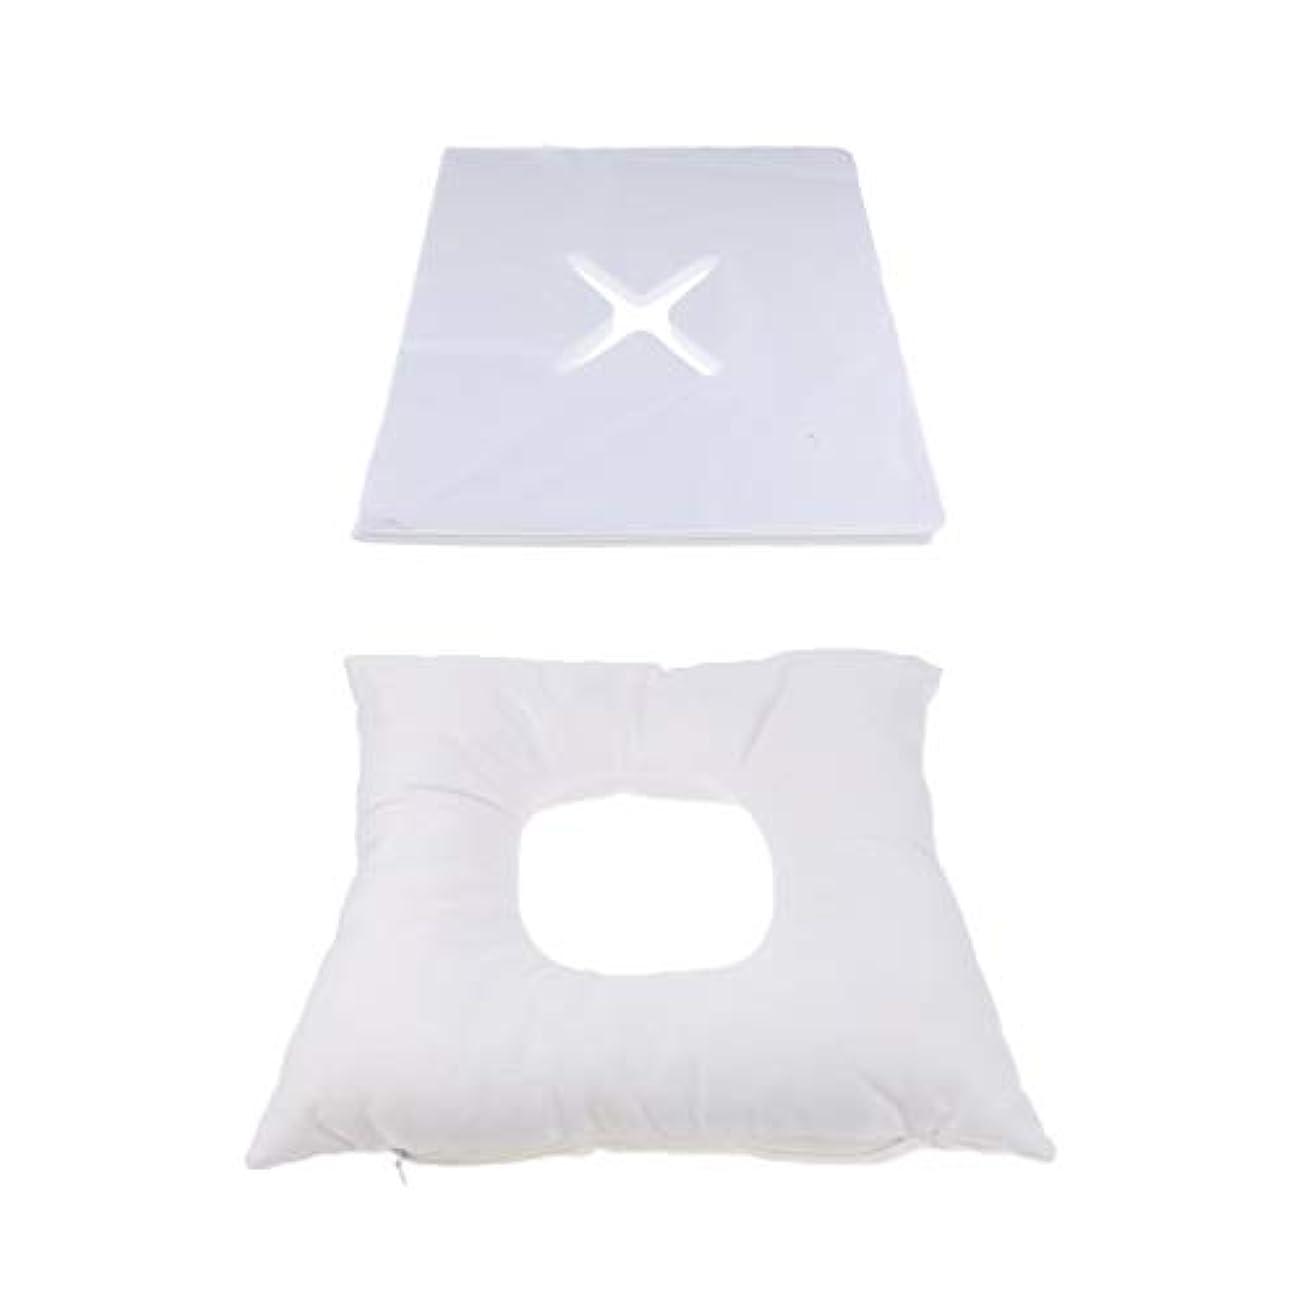 階段推定量でBaoblaze フェイスマット マッサージ枕 顔枕 エステマクラ 200個使い捨てピローカバー付き サロン 家庭用